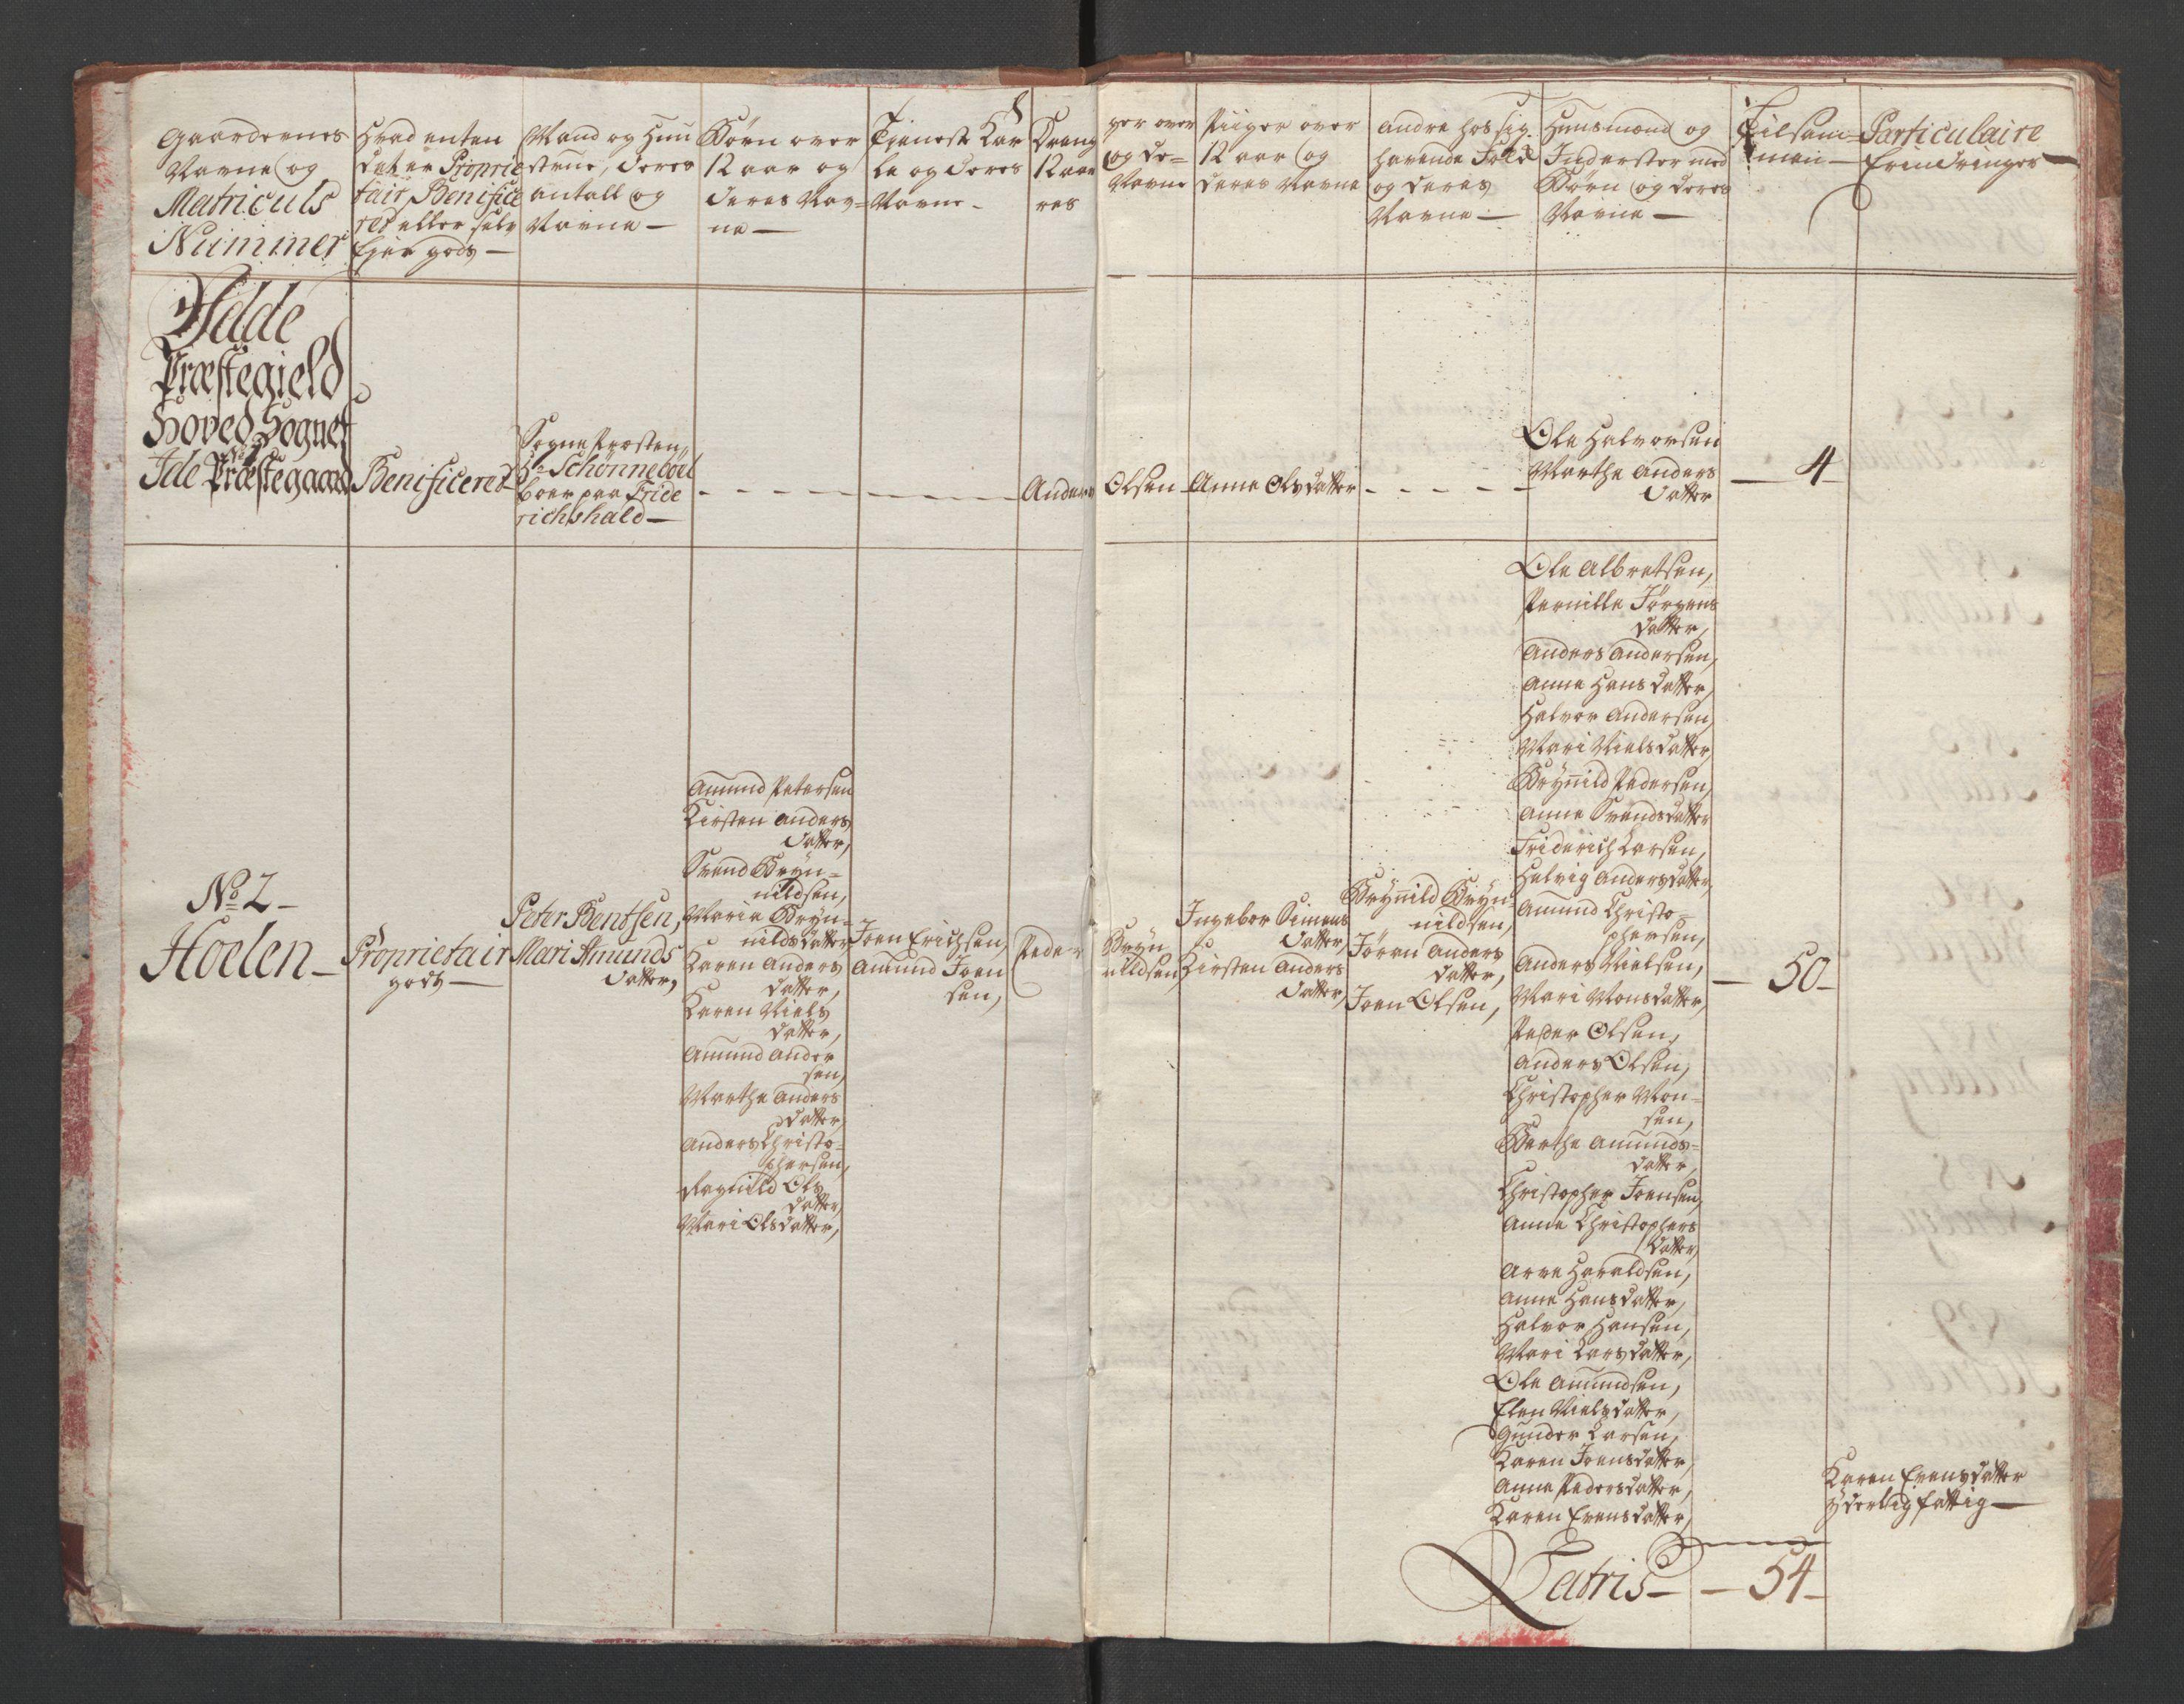 RA, Rentekammeret inntil 1814, Reviderte regnskaper, Fogderegnskap, R01/L0097: Ekstraskatten Idd og Marker, 1756-1767, s. 13